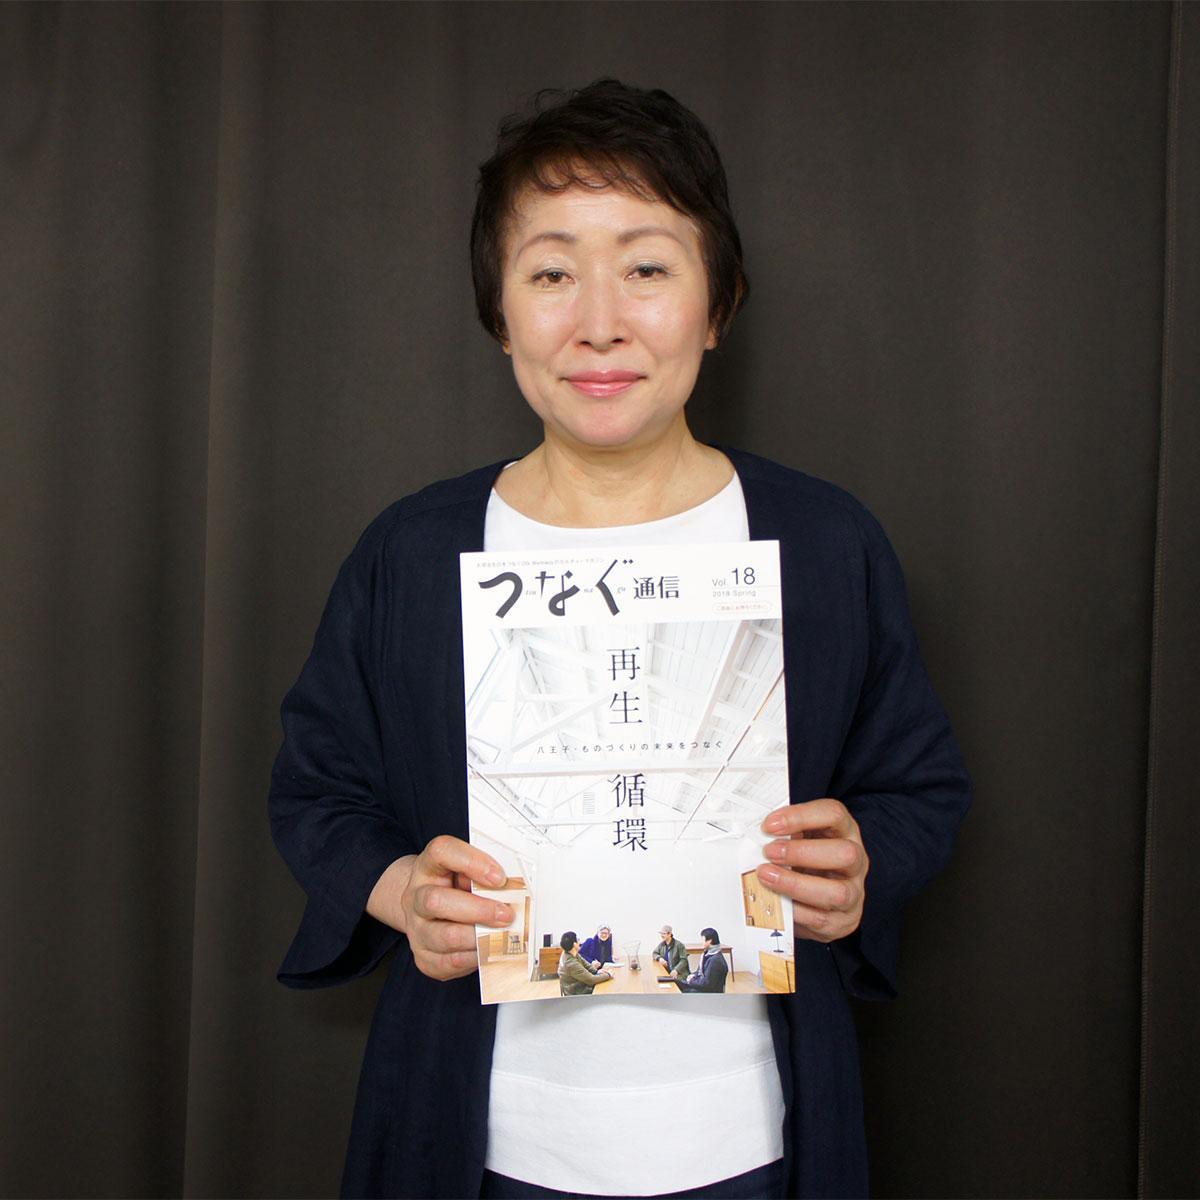 八王子を特集した最新号の「つなぐ通信」と成田典子編集長